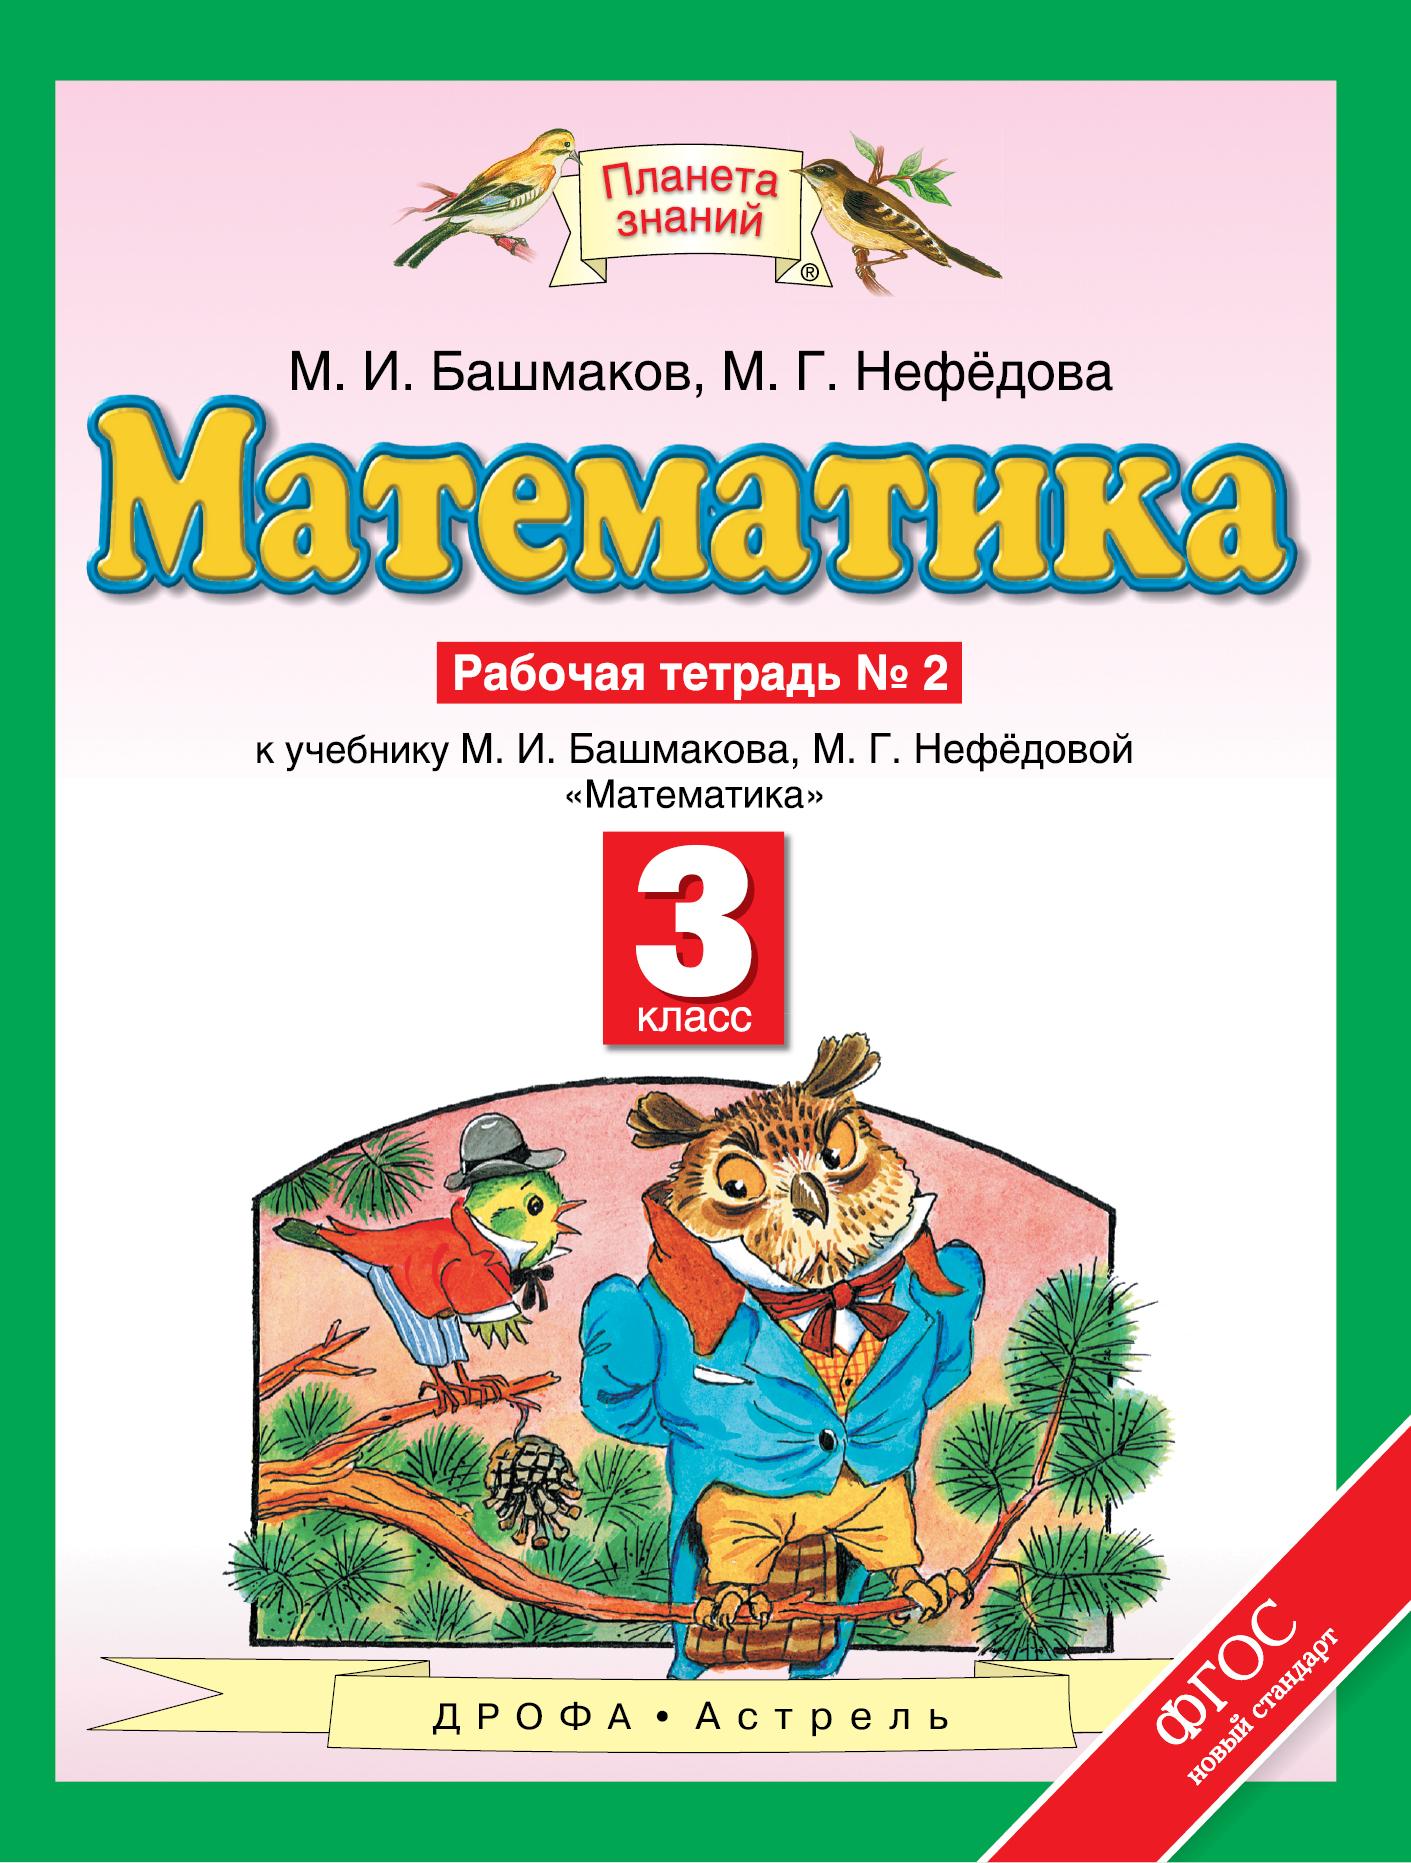 купить Башмаков М.И., Нефёдова М.Г. Математика. 3 класс. Рабочая тетрадь №2 недорого